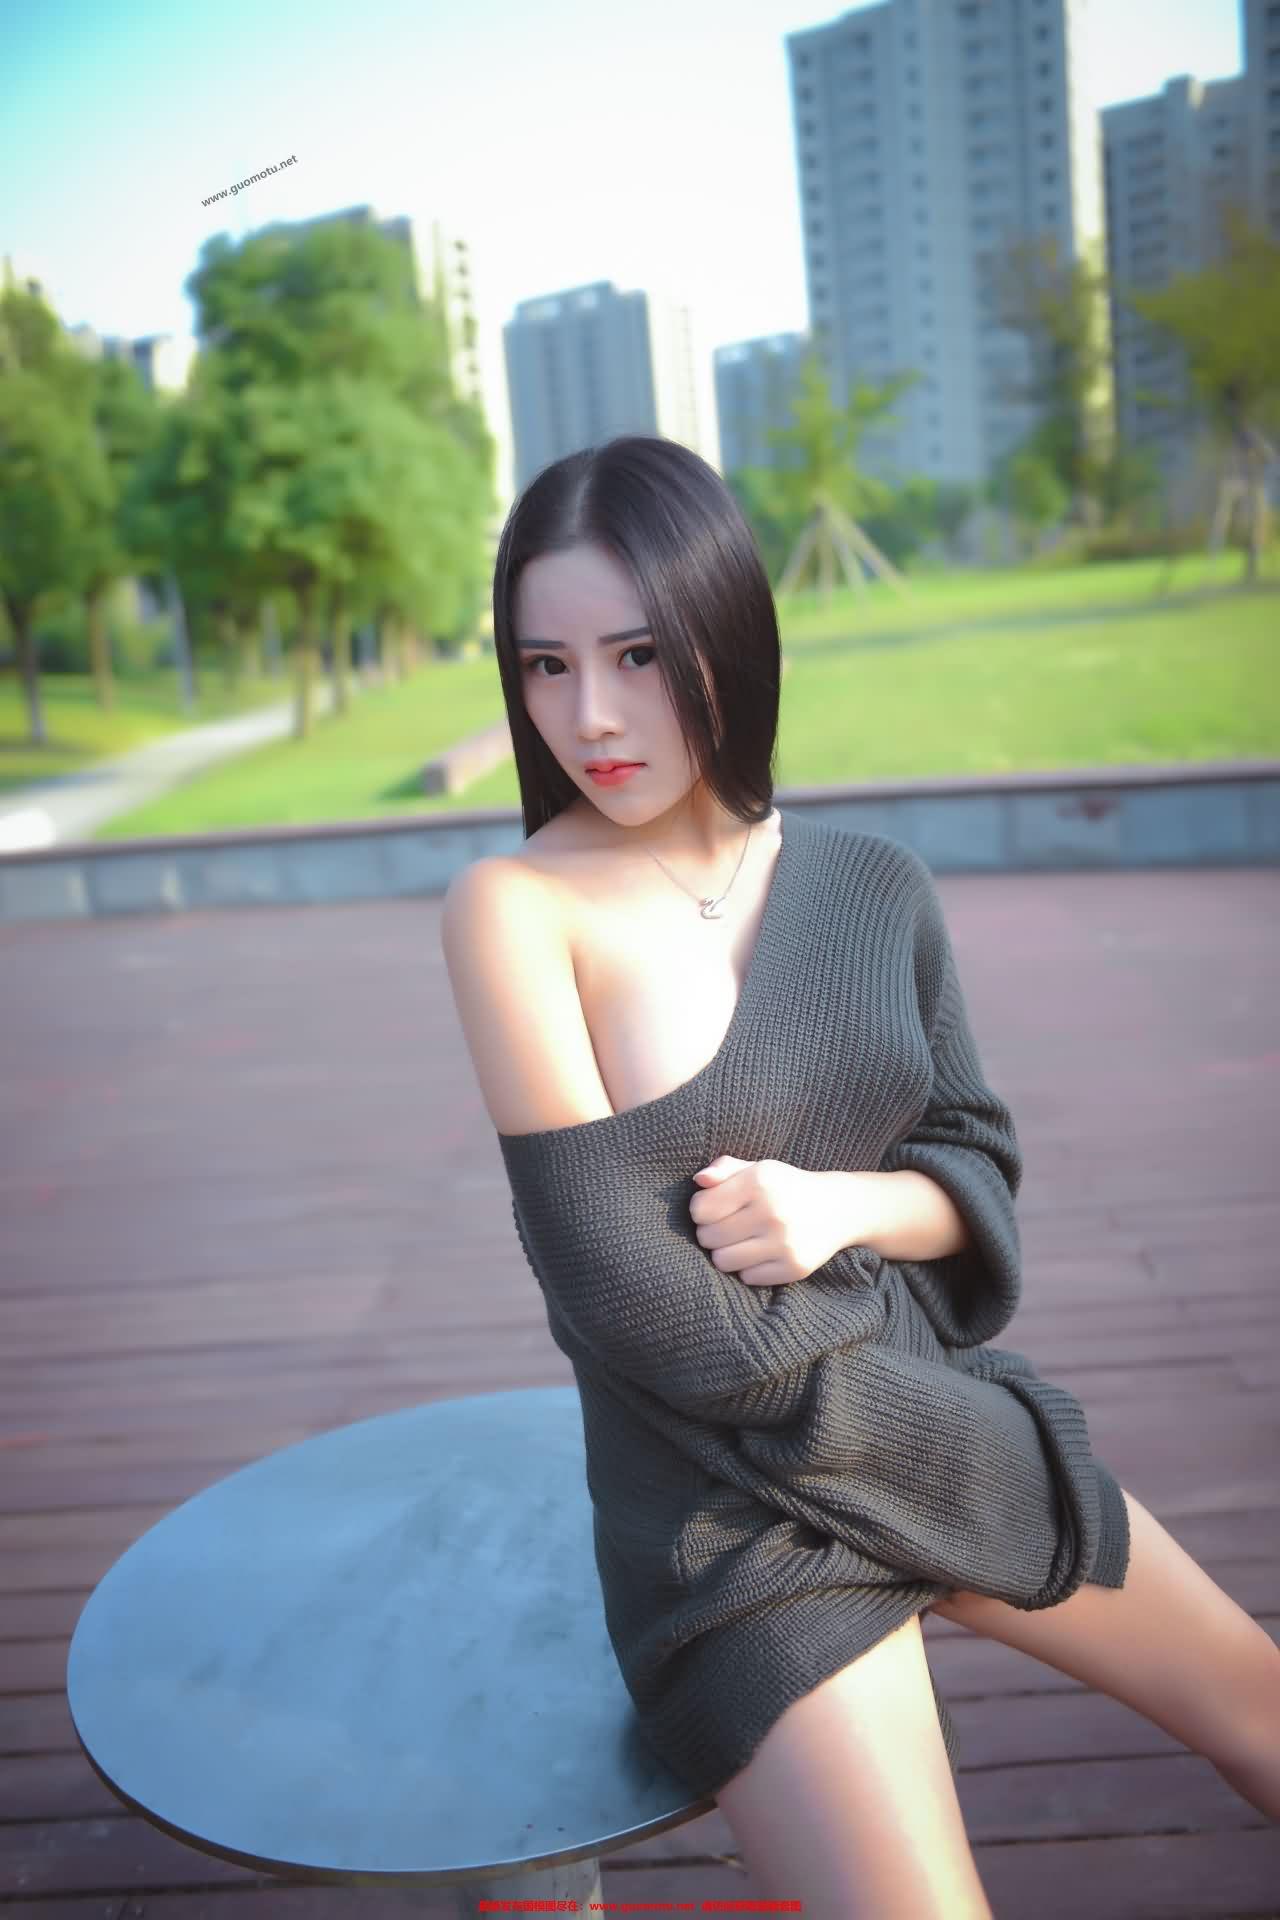 adab6c9dd620180701011966 - 秀人网模特极品模特木奈奈/尔兰精修 119P